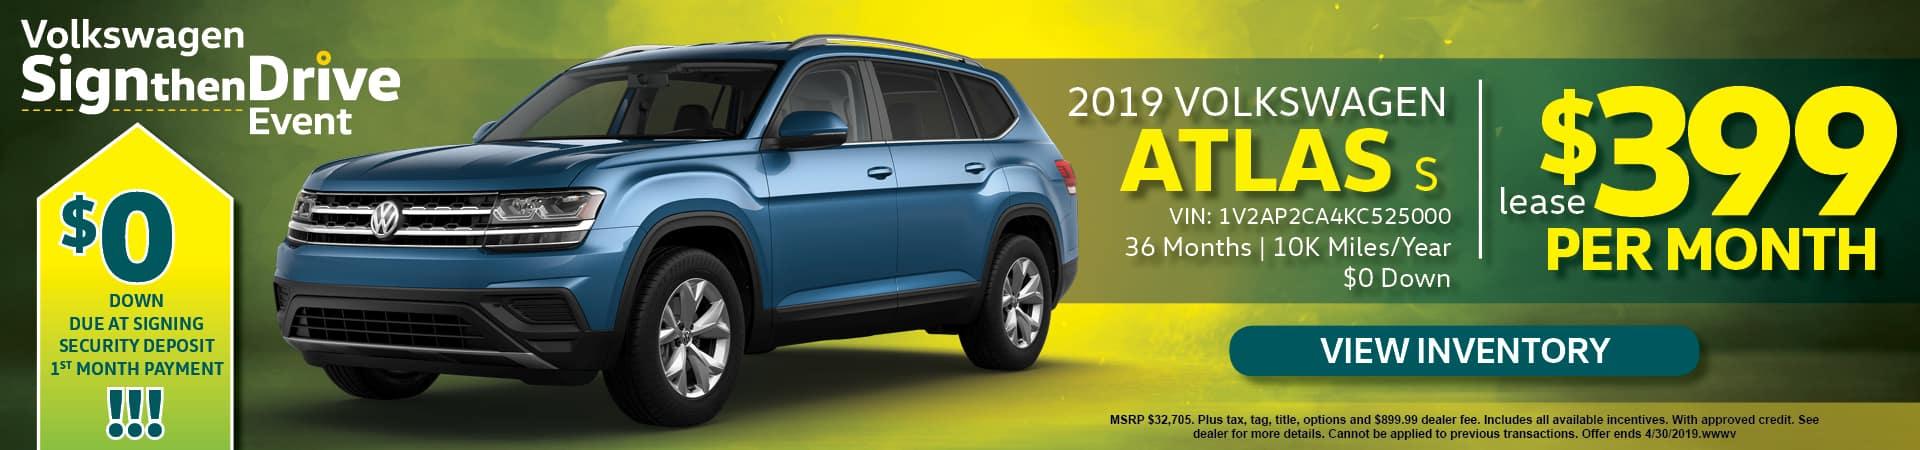 2019 Atlas special